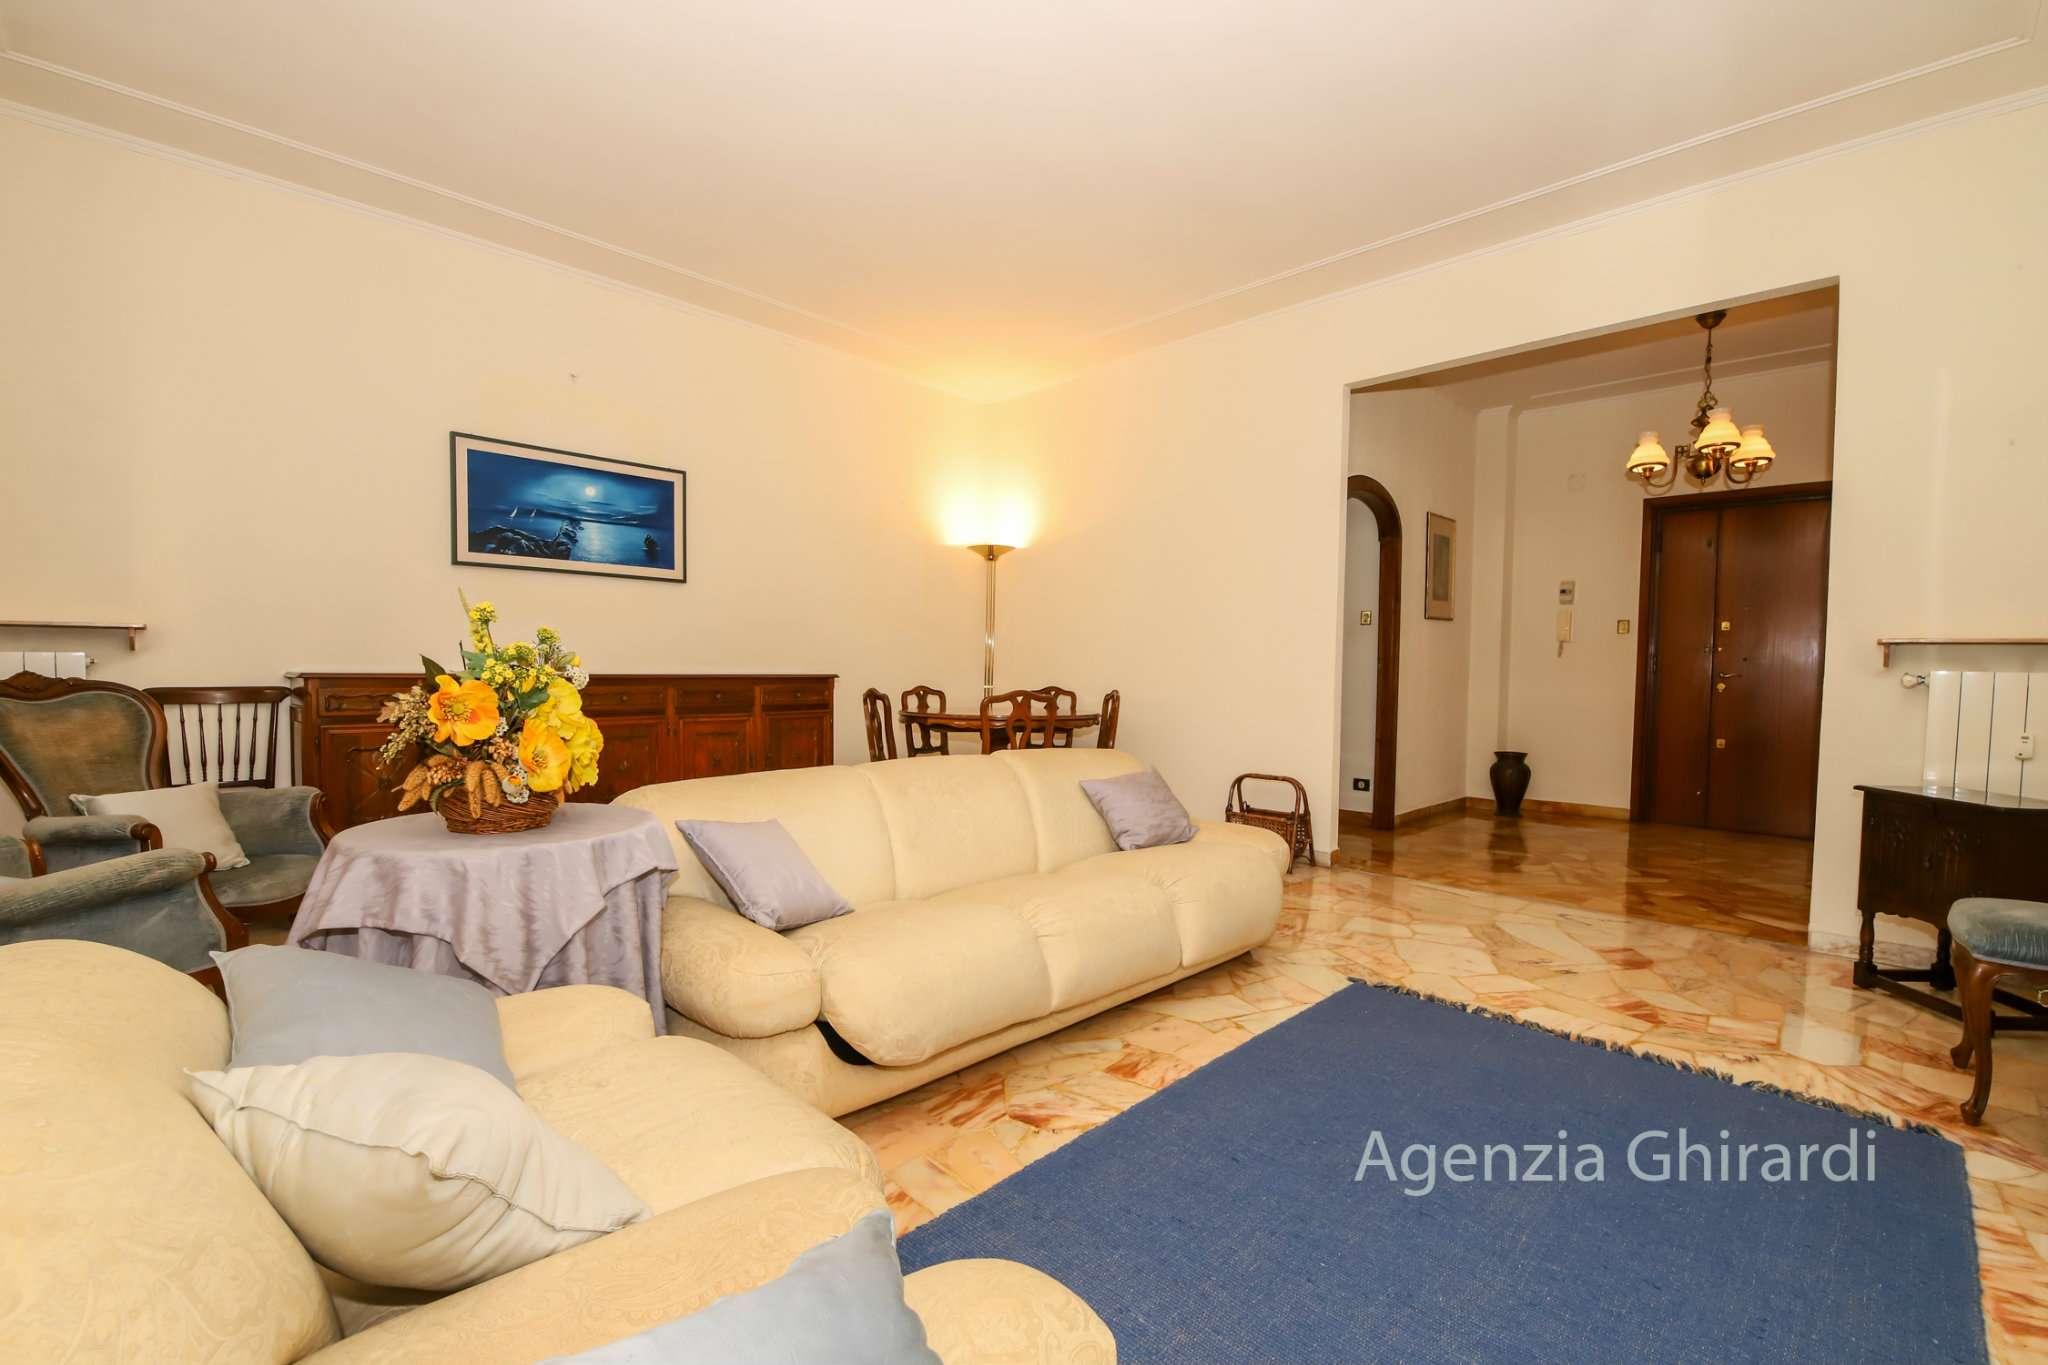 Foto 1 di Quadrilocale via Briscata 17, Genova (zona Sestri Ponente)